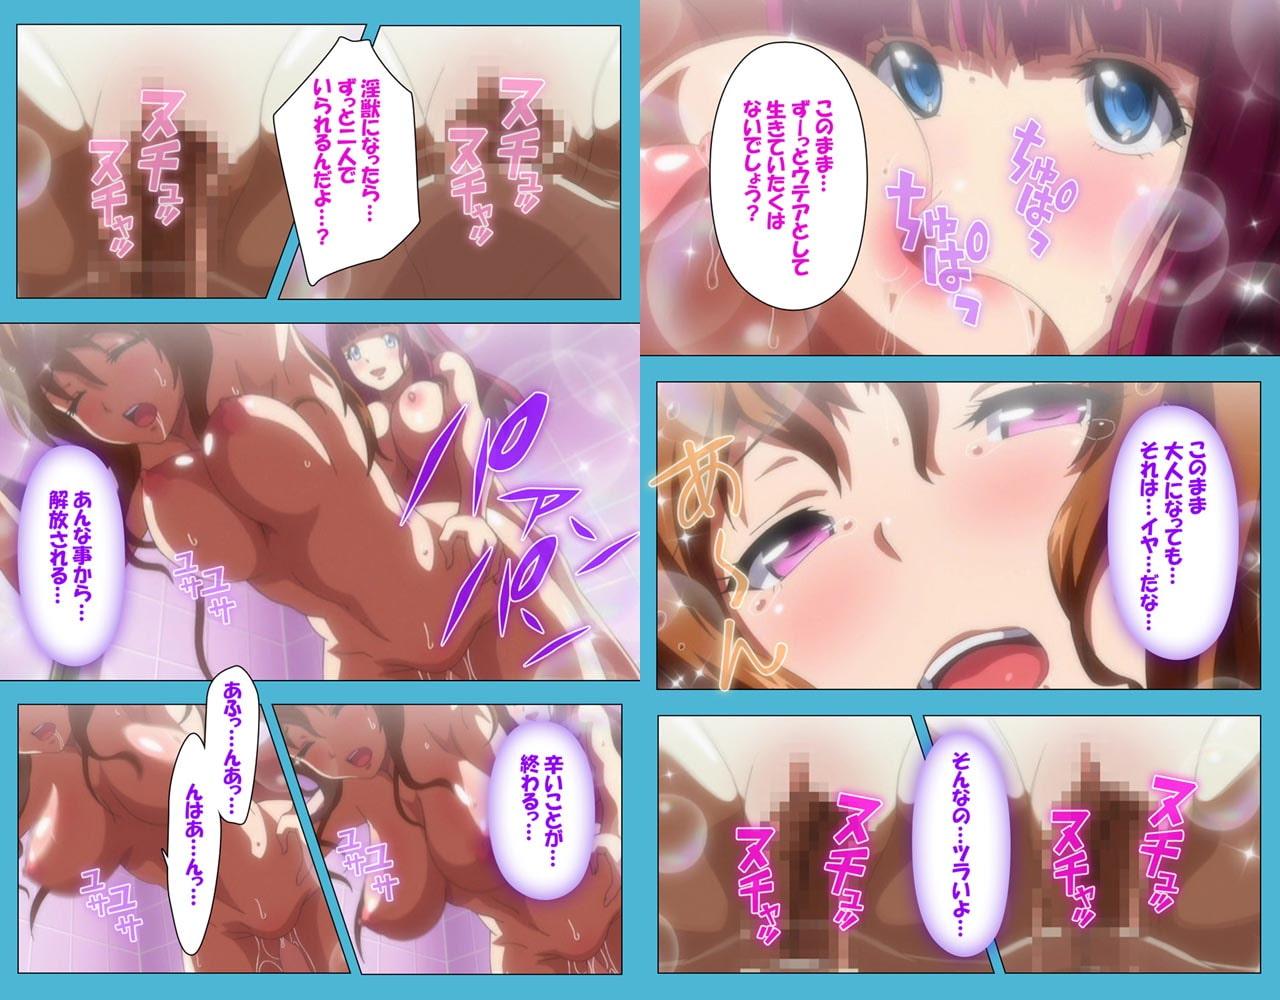 【フルカラー成人版】魔獣浄化少女ウテア 後編 Complete版